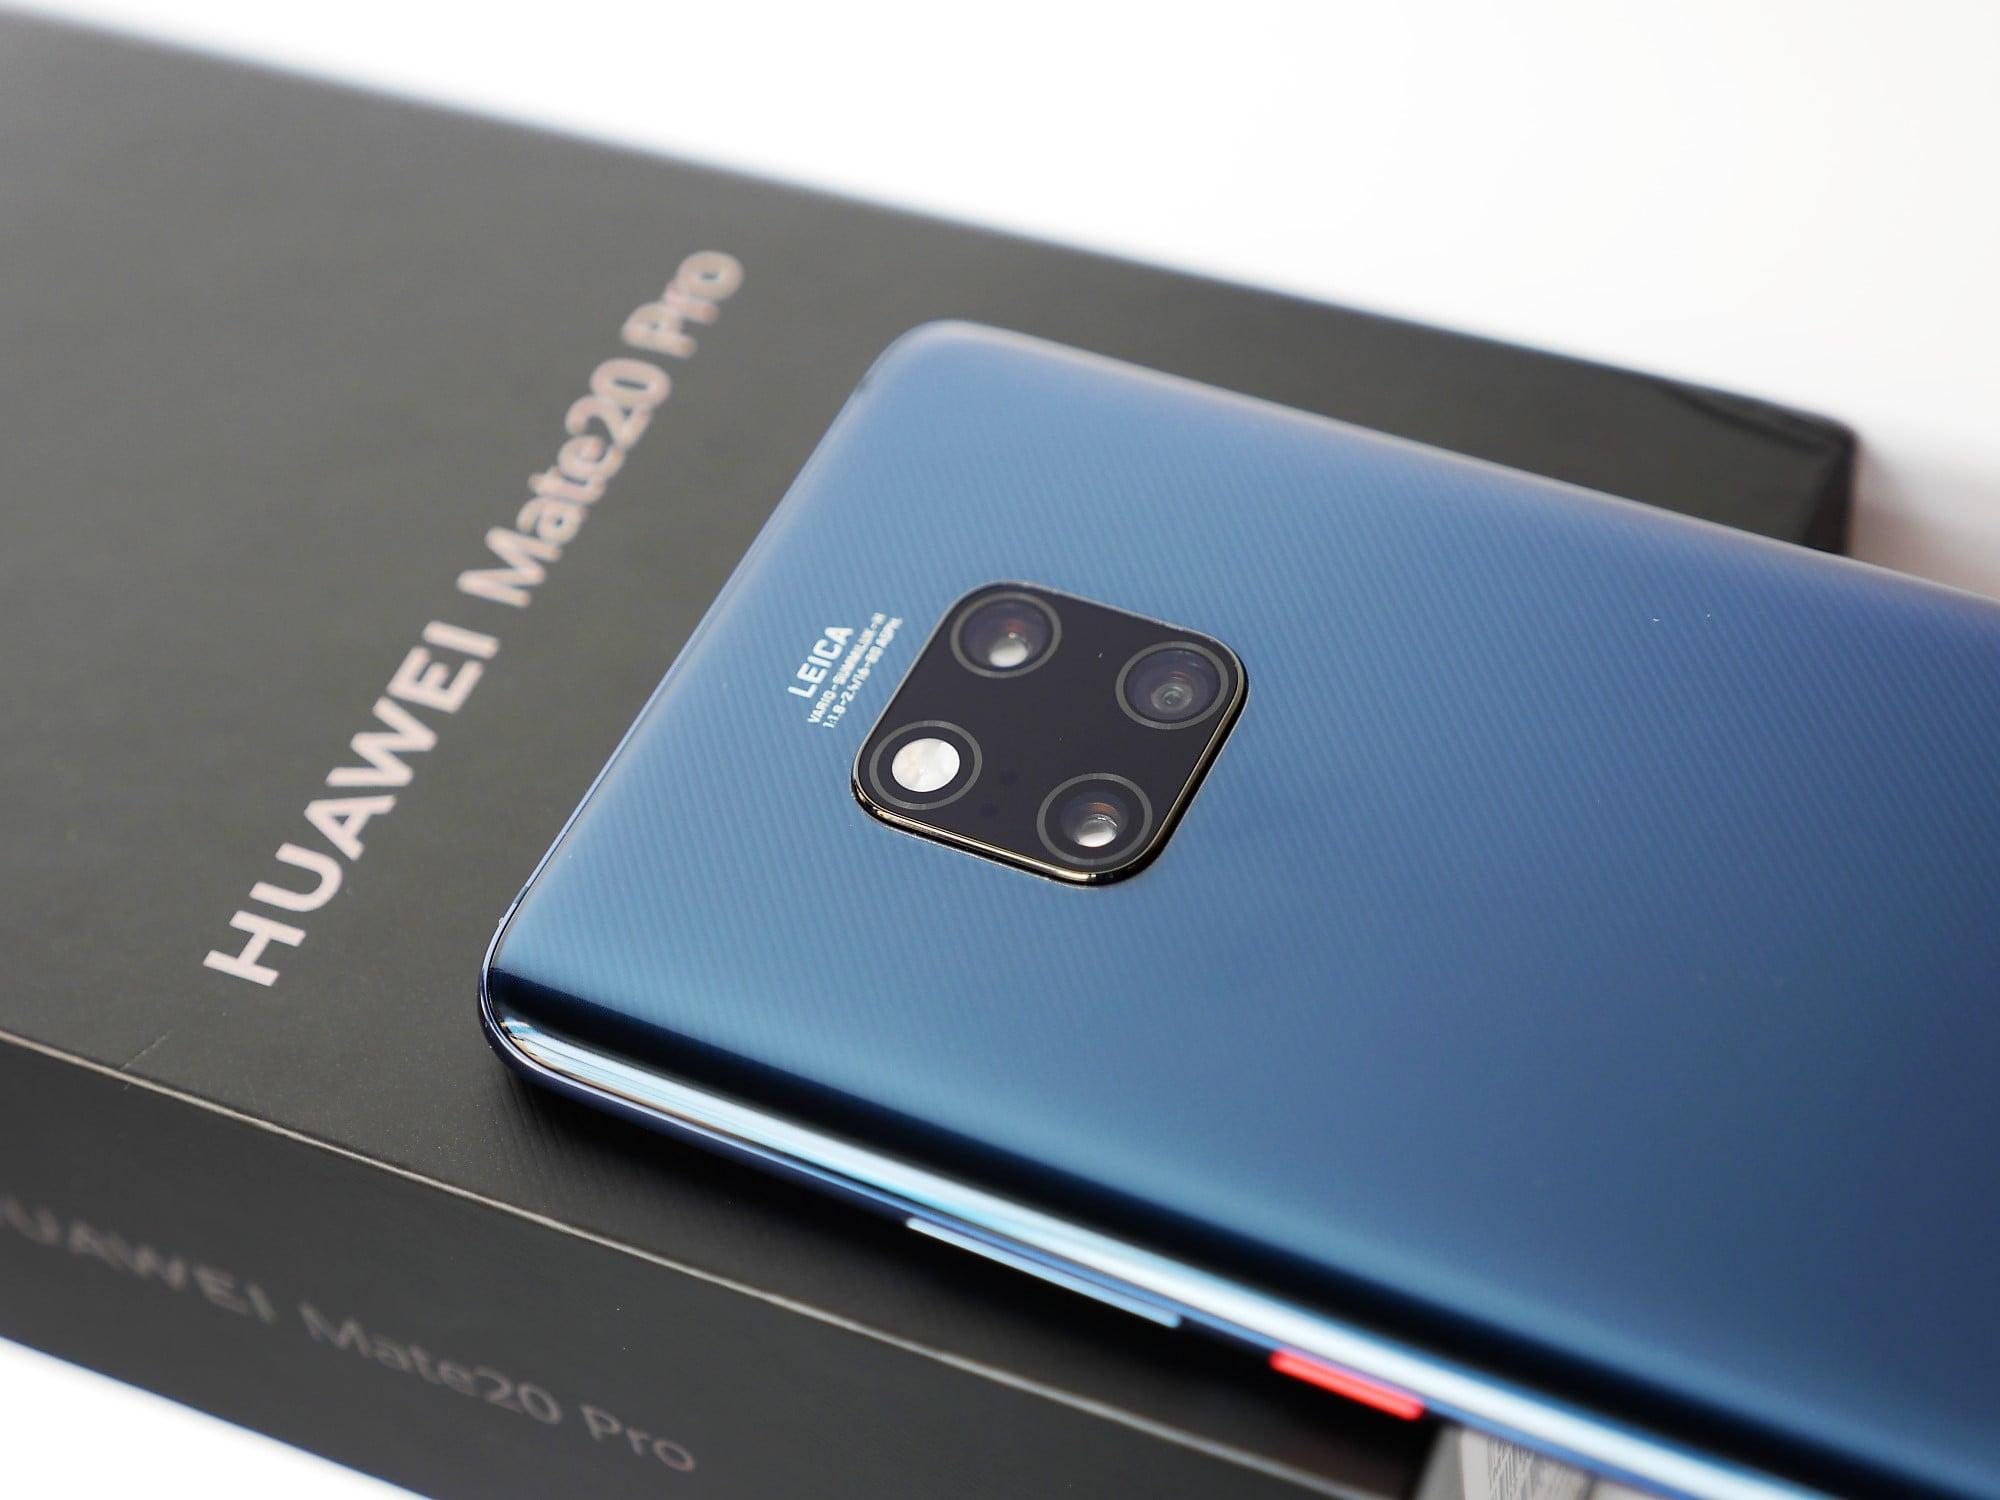 Recenzja Huawei Mate 20 Pro. Niby niewiele brakuje do ideału, ale wciąż jest co poprawiać 25